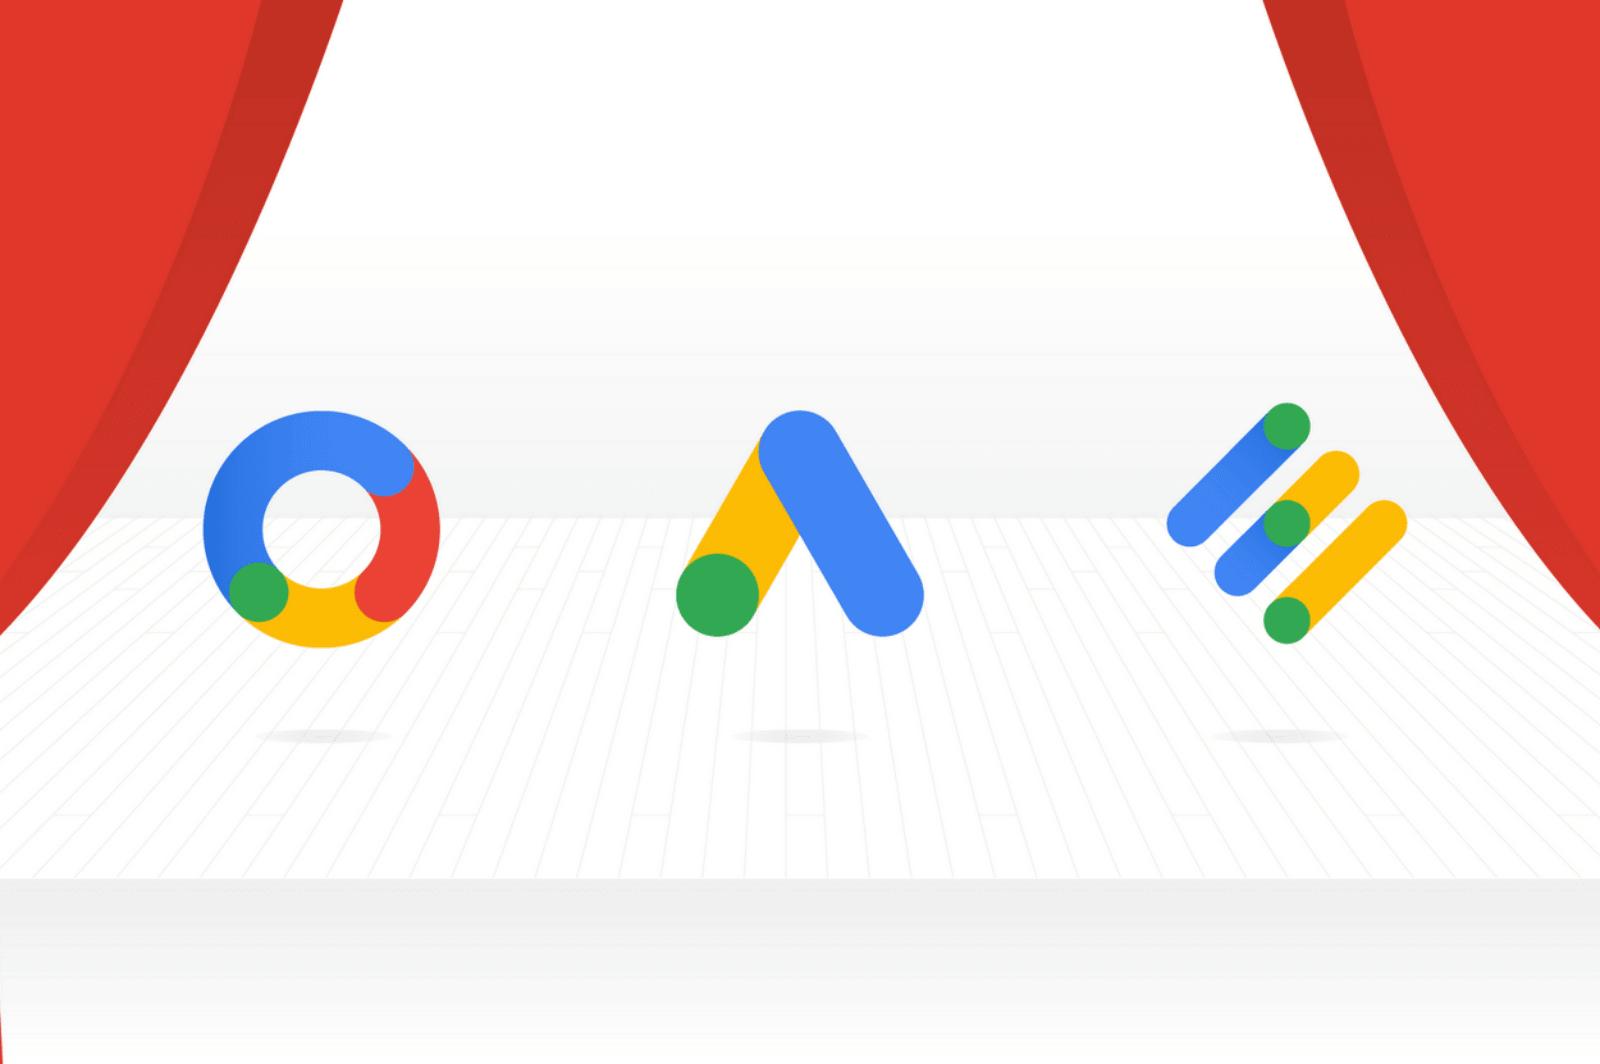 ¿Sabías que Google AdWords ahora es Google Ads? 😱